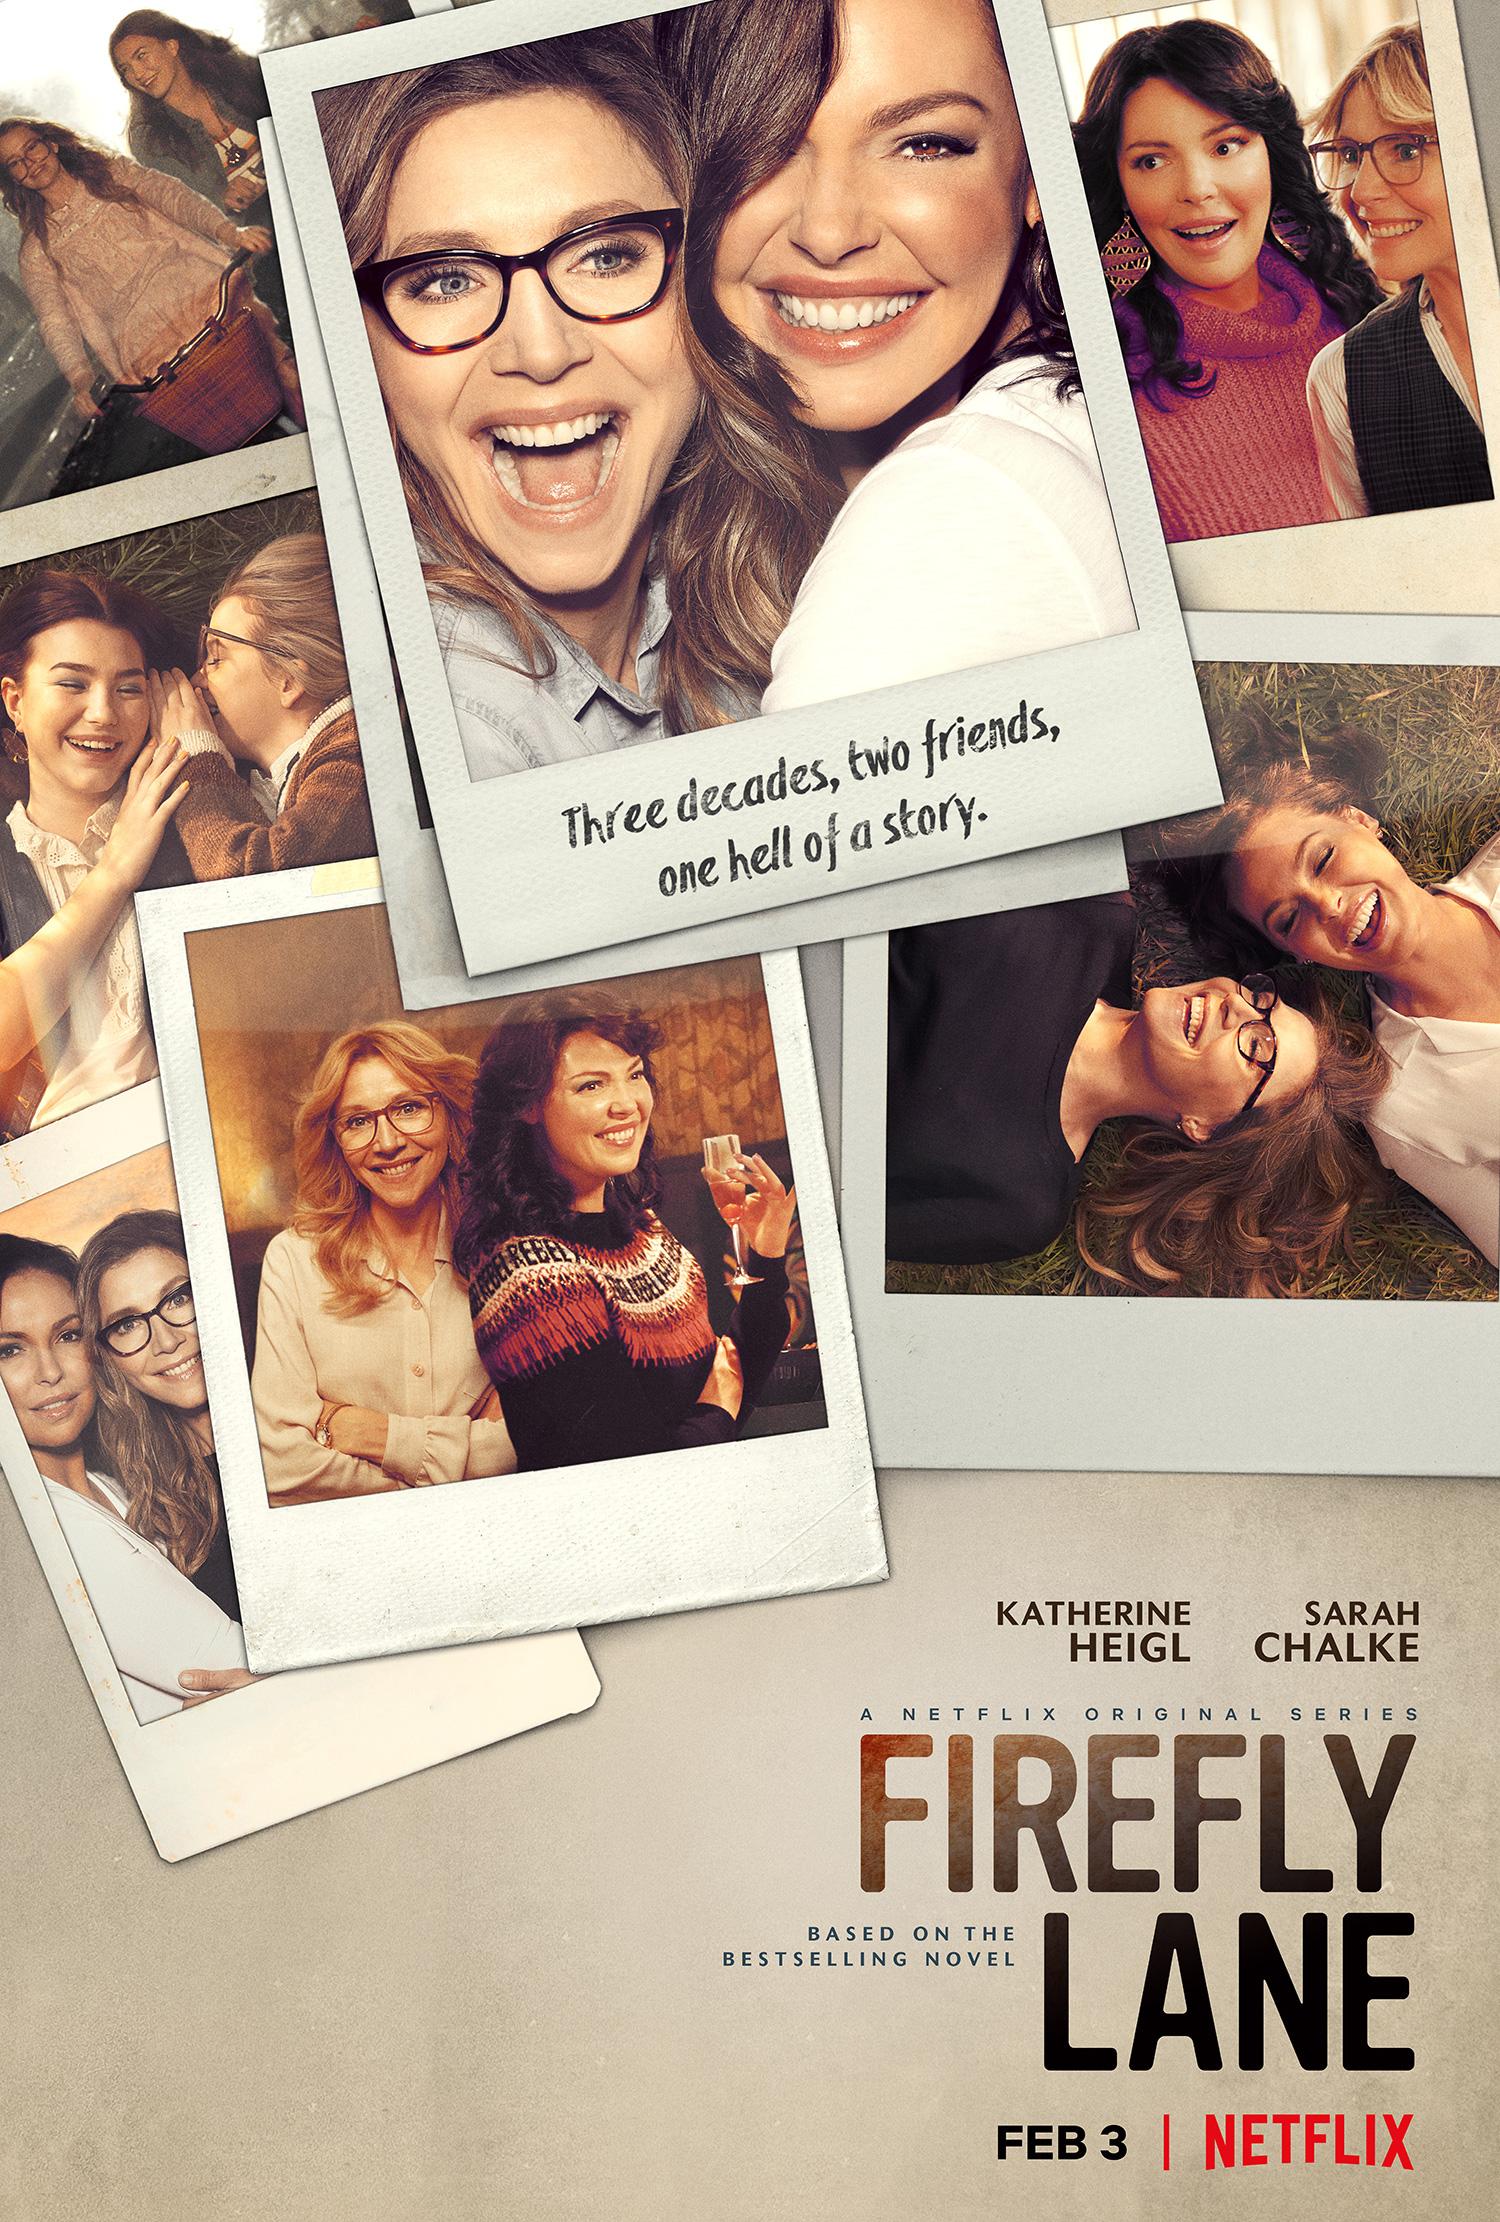 FireflyLane_S1_poster